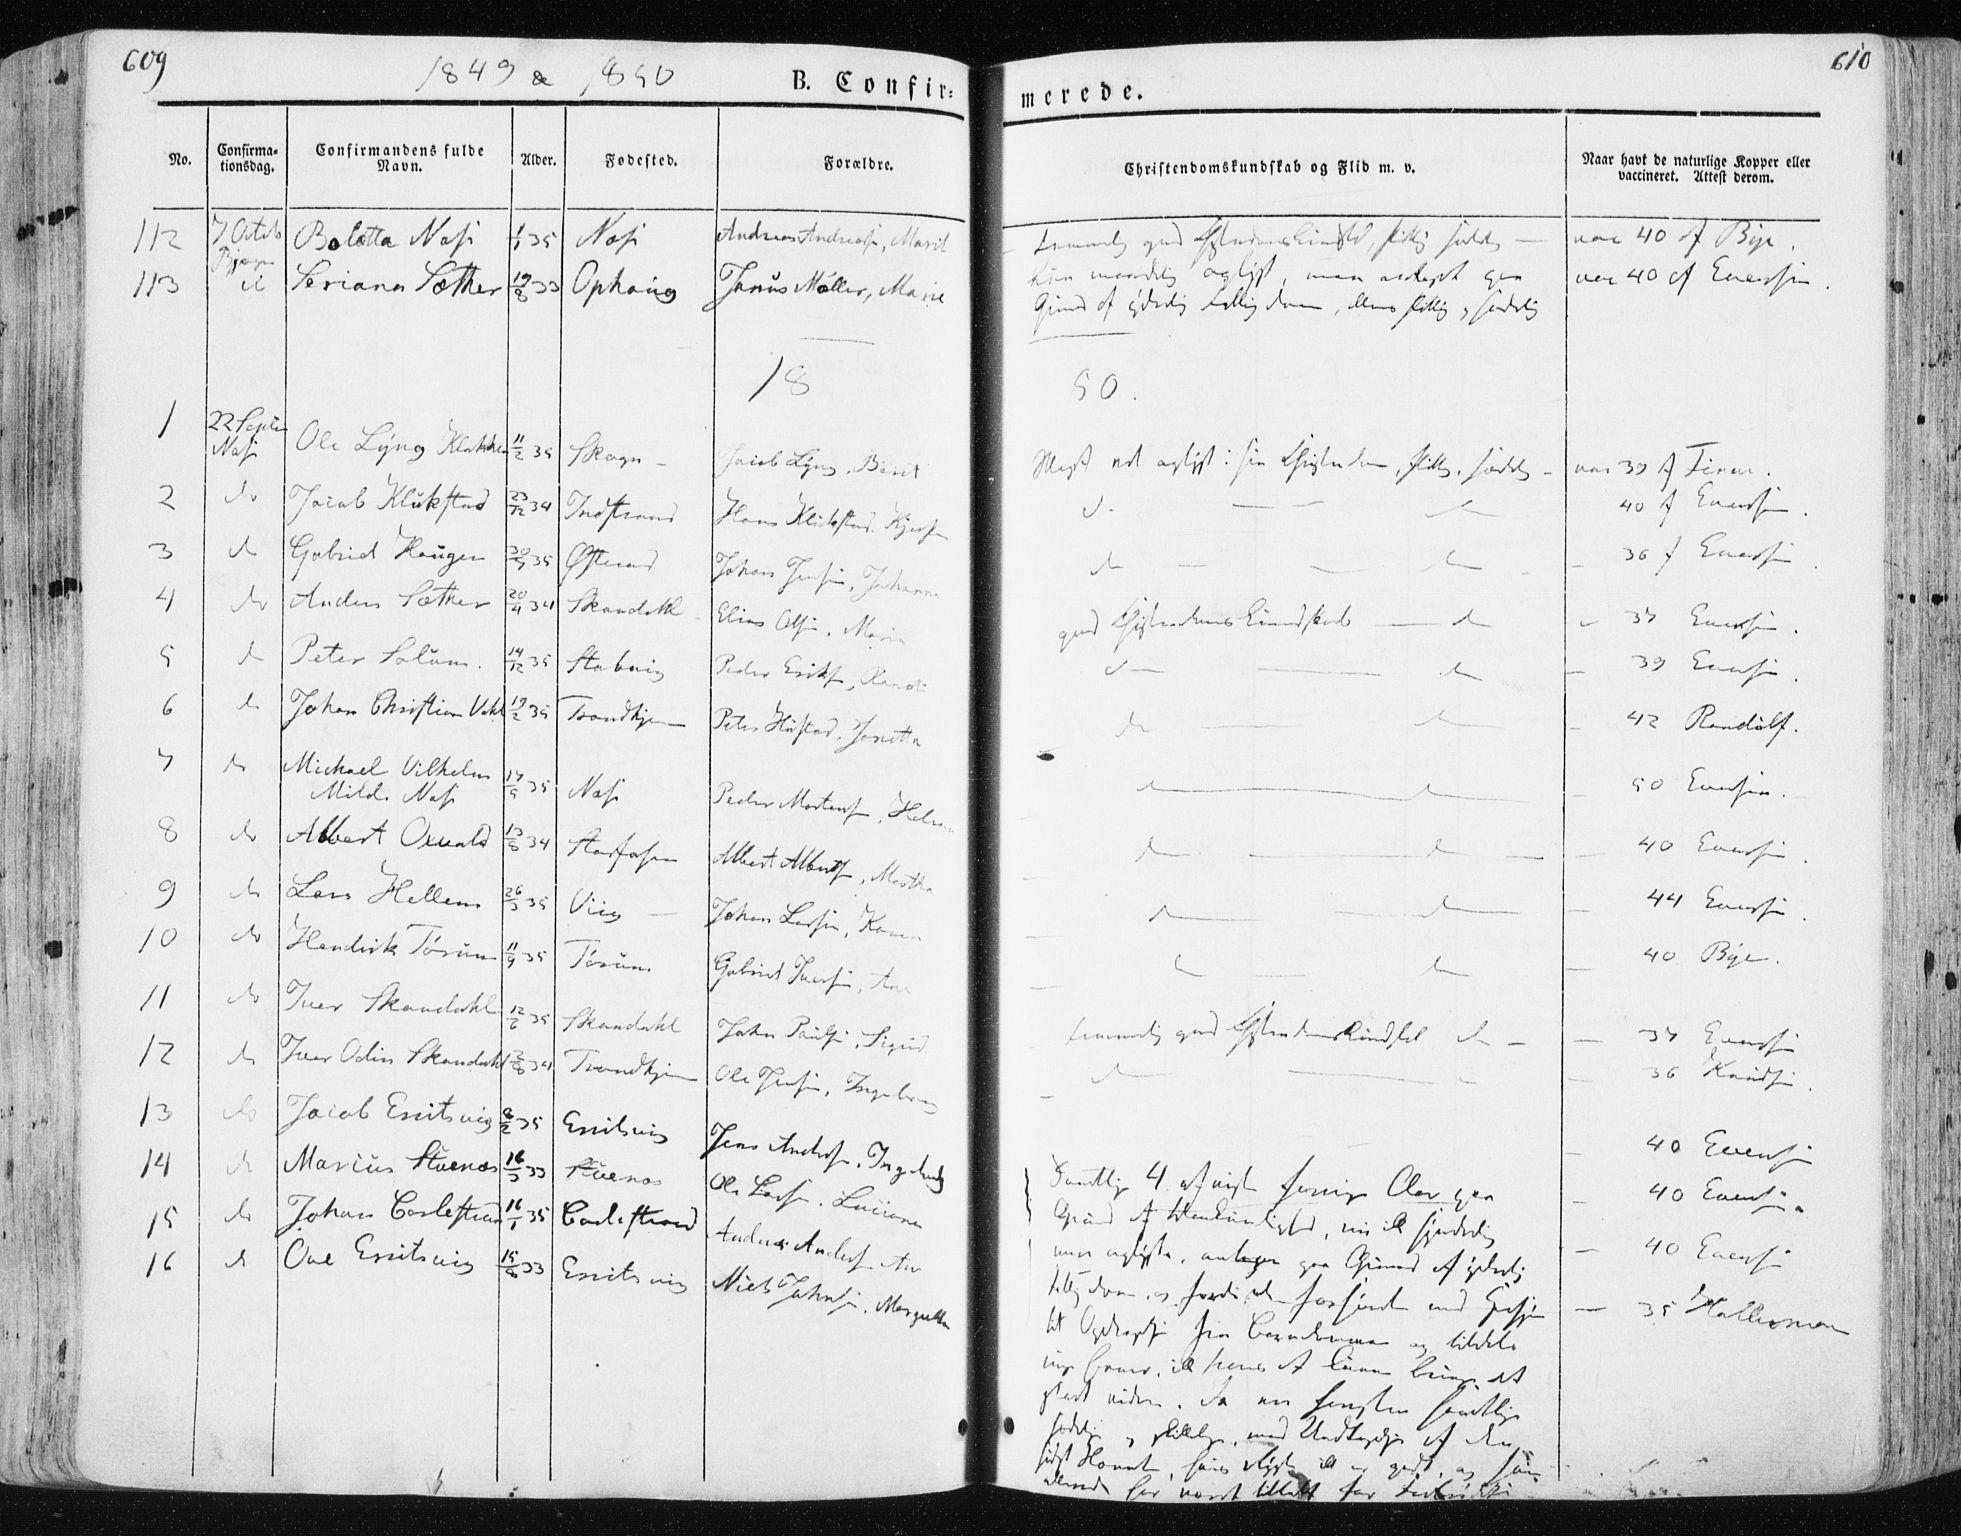 SAT, Ministerialprotokoller, klokkerbøker og fødselsregistre - Sør-Trøndelag, 659/L0736: Ministerialbok nr. 659A06, 1842-1856, s. 609-610